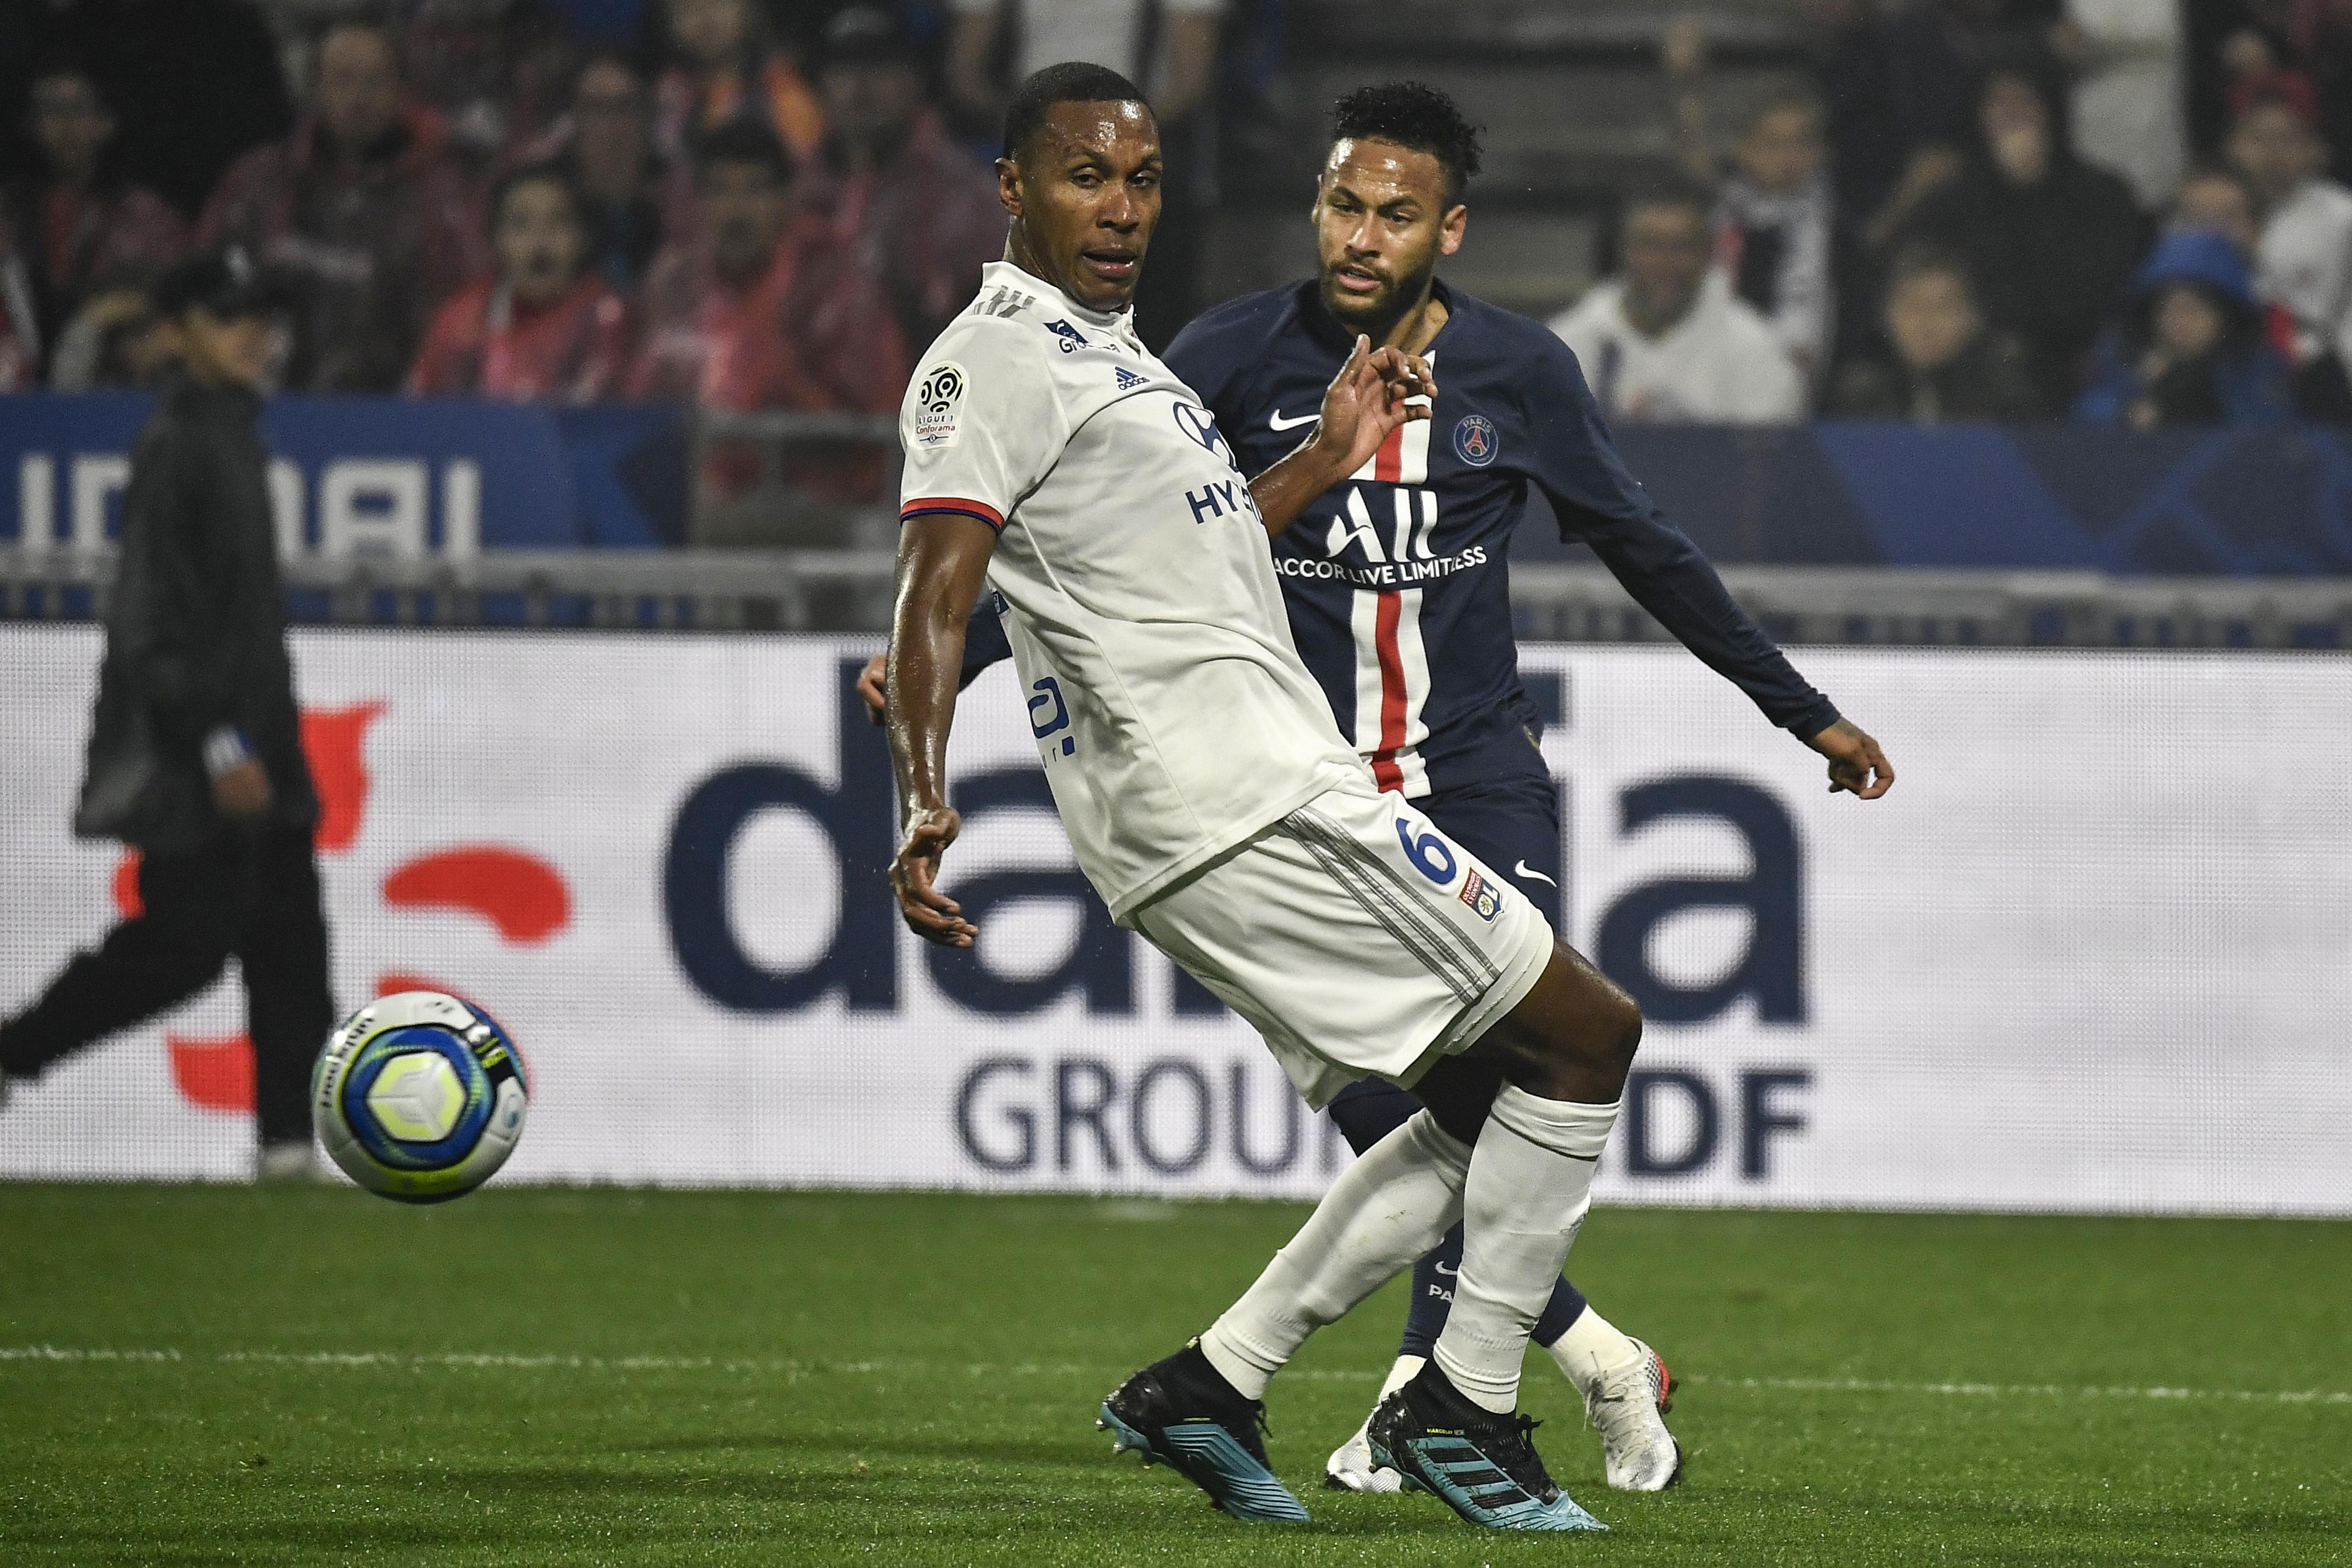 La finale de Coupe de France avancée le 24 juillet ?